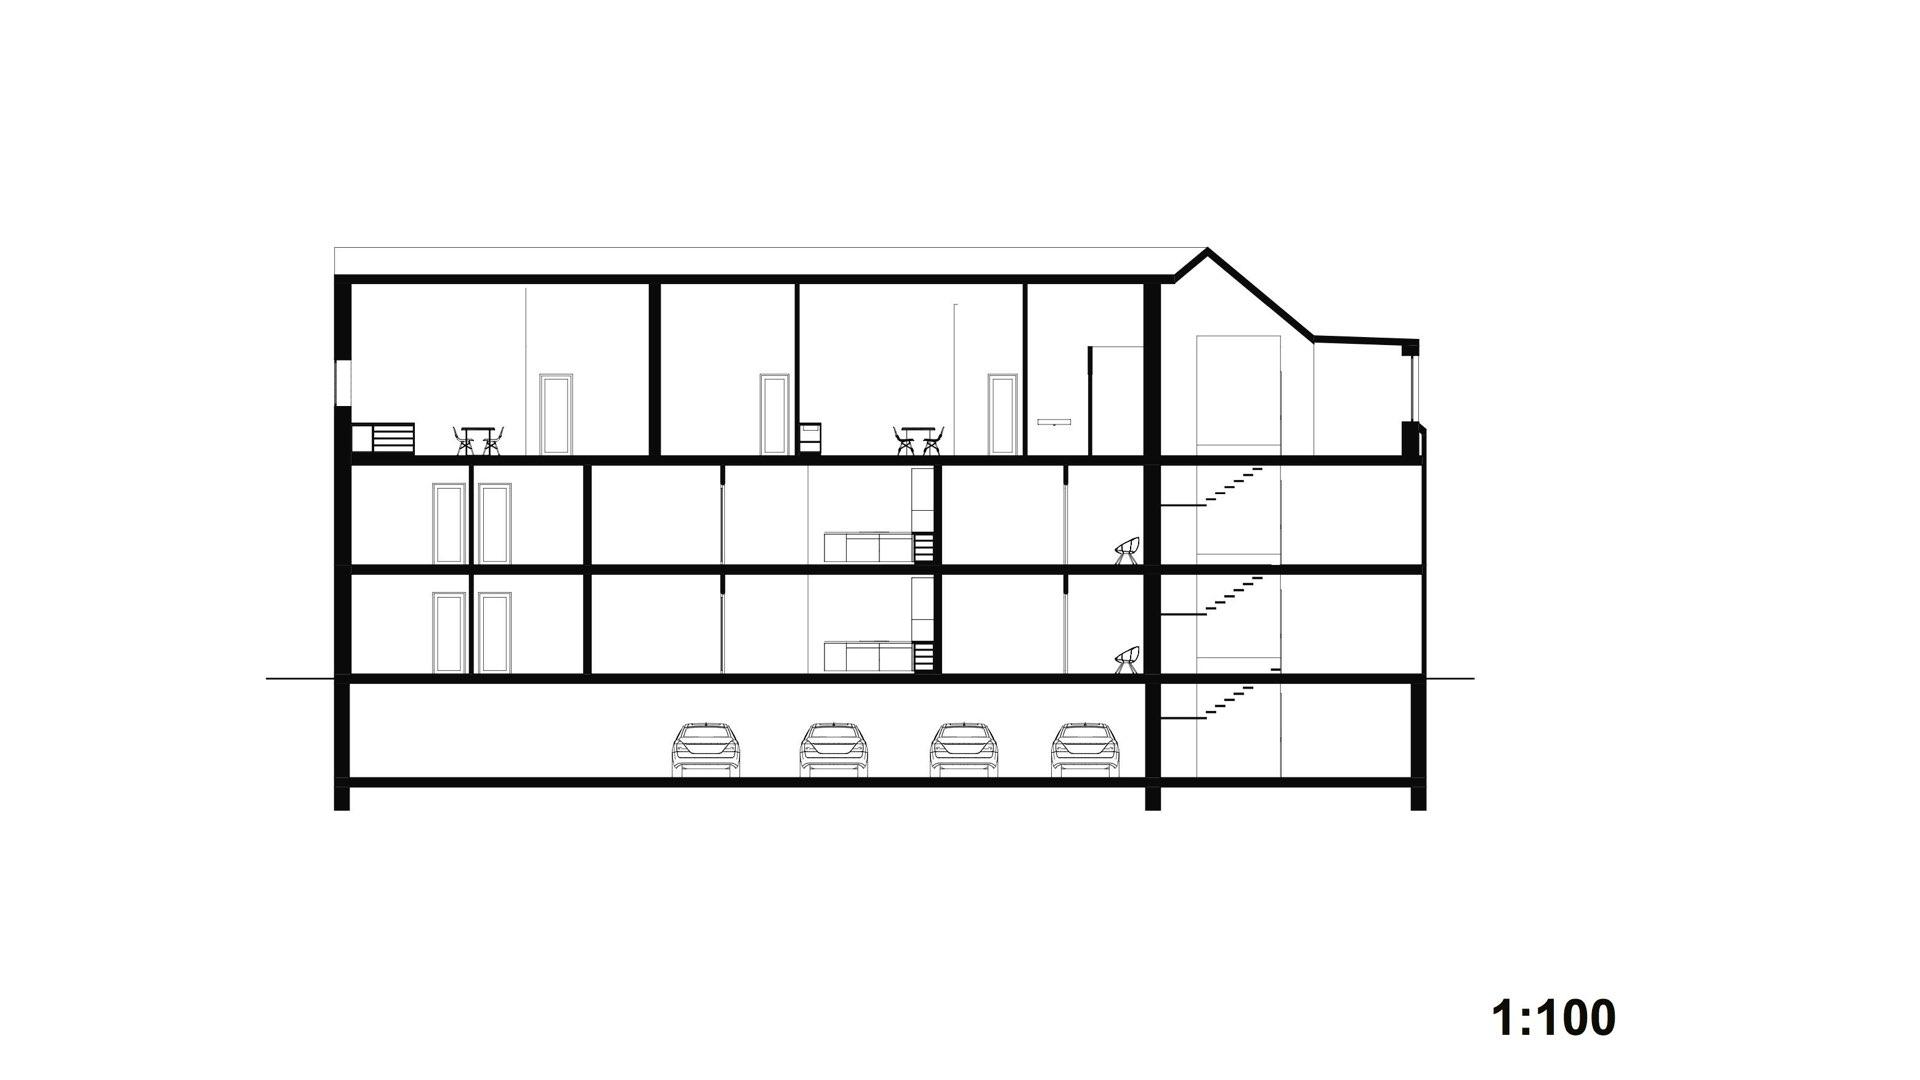 Rezidence Jenerálka KKCG - řez bytového domu. Autor: Kurz architekti